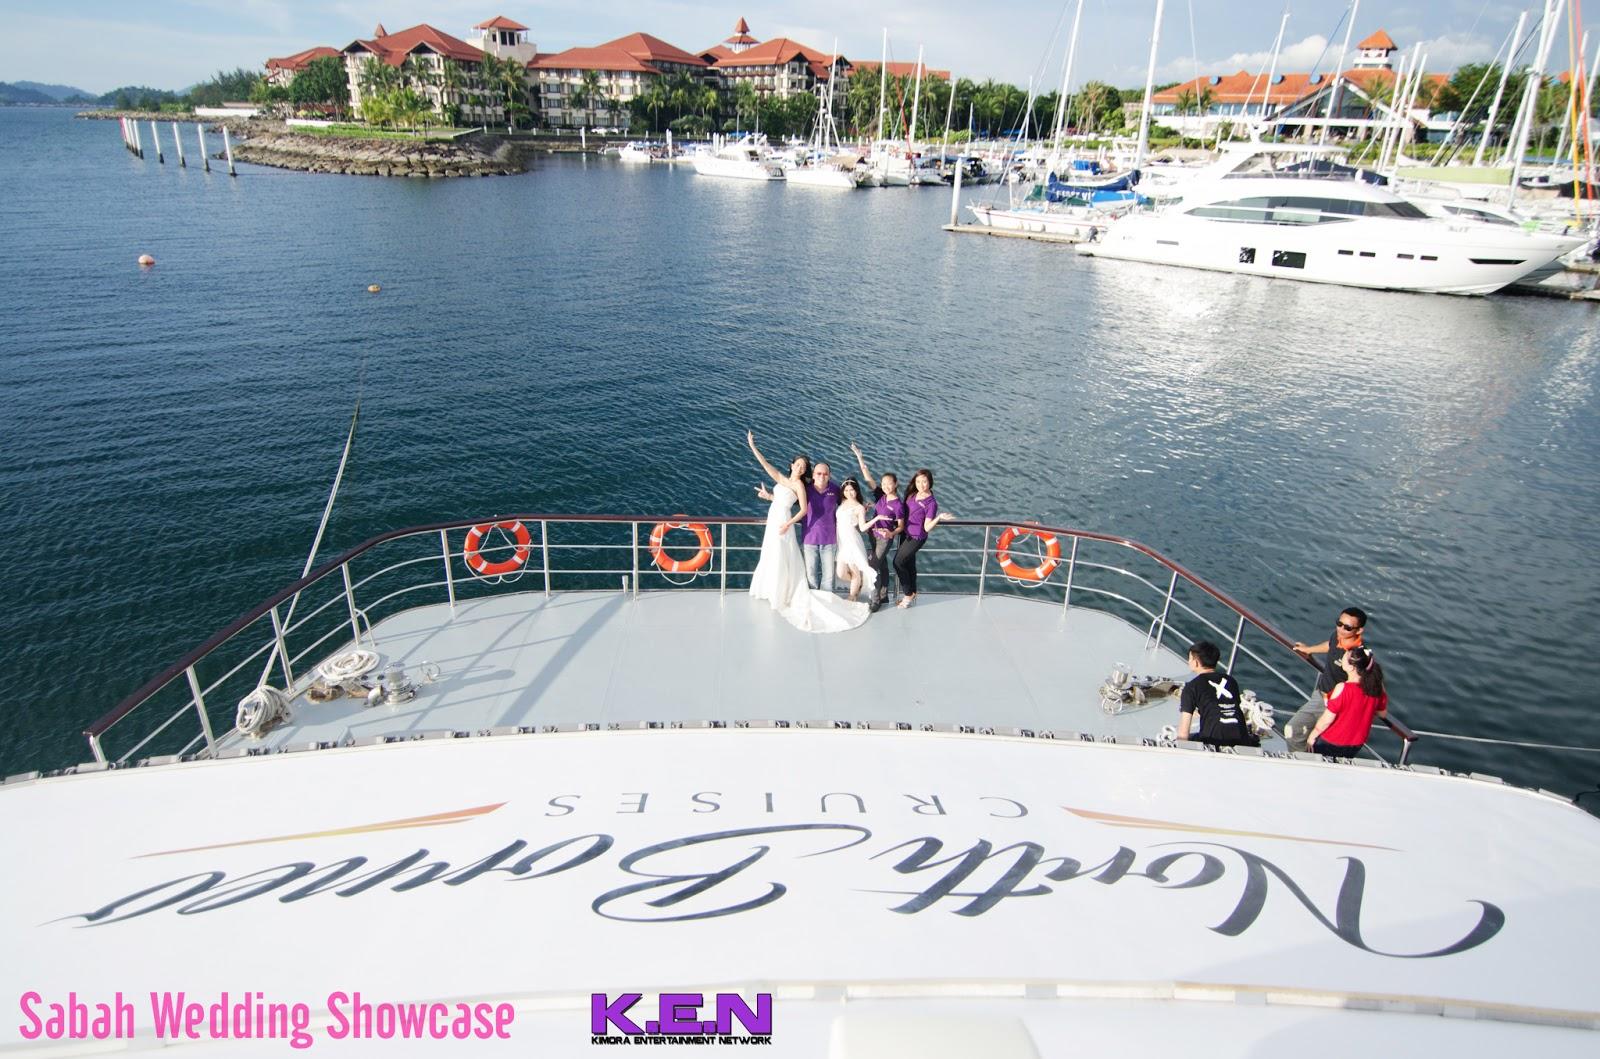 Sabah wedding